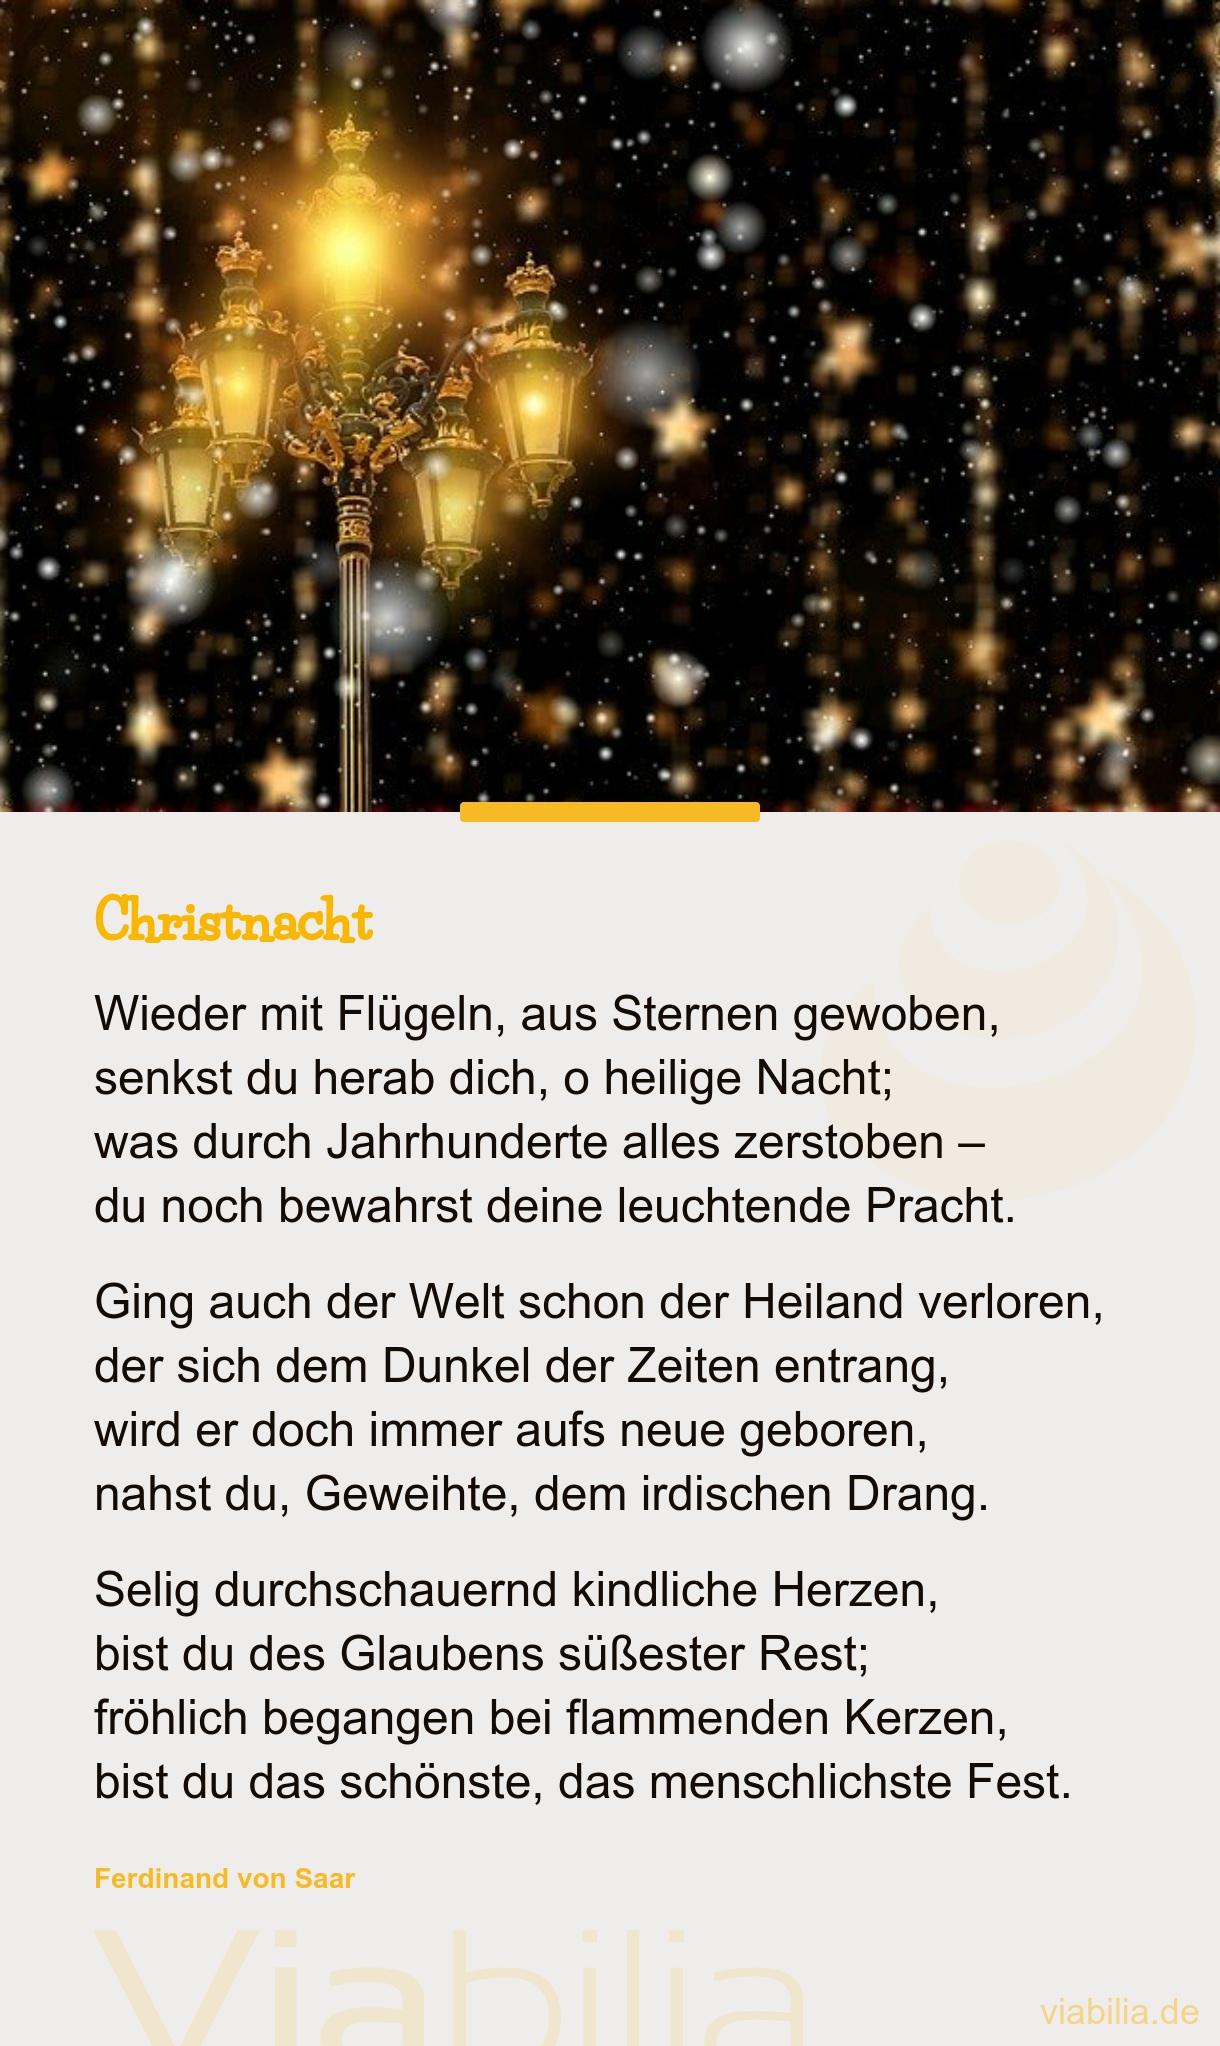 Traditionelles Gedicht: Christnacht - Weihnachtsgedicht bei Schöne Und Kurze Weihnachtsgedichte